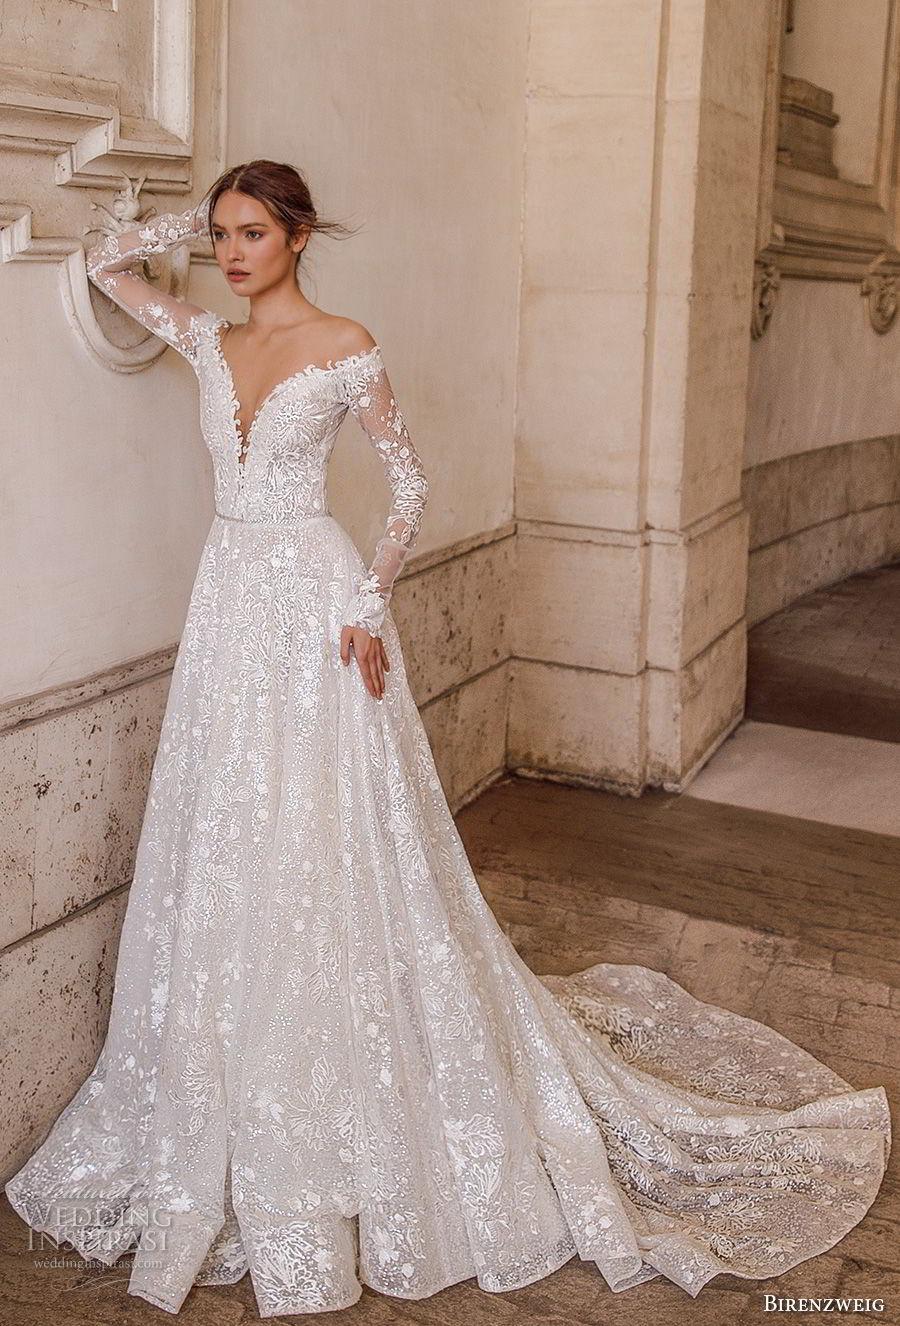 birenzweig 2018 bridal long sleeves off the shoulder deep plunging v neck full embellishment a  line wedding dress sheer v back chapel train (1) mv